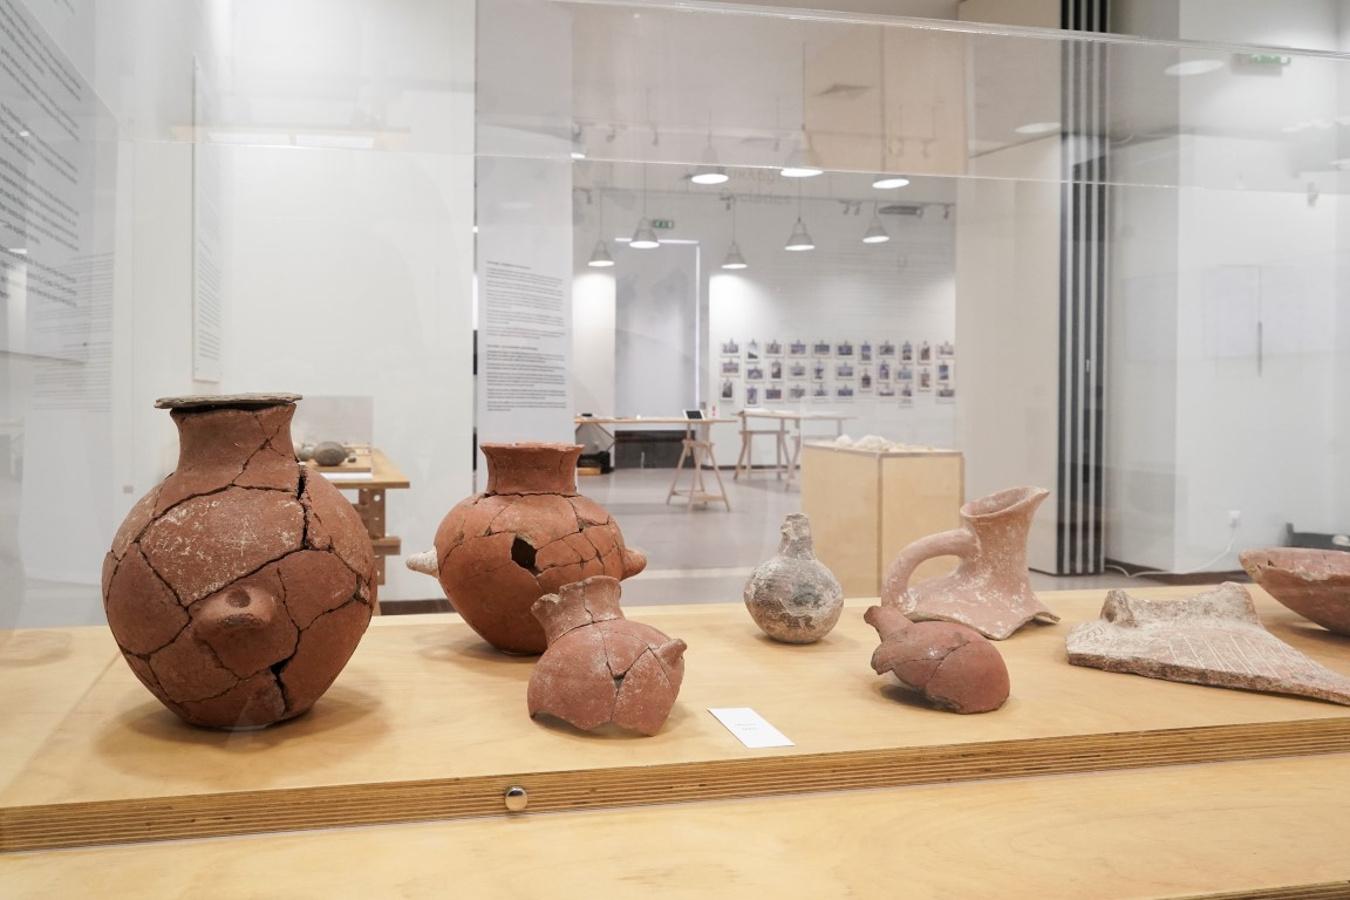 Πινακοθήκη Δήμου Αθηναίων: Έκθεση με μοναδικά αρχαιολογικά ευρήματα από την Κέρο (pics)